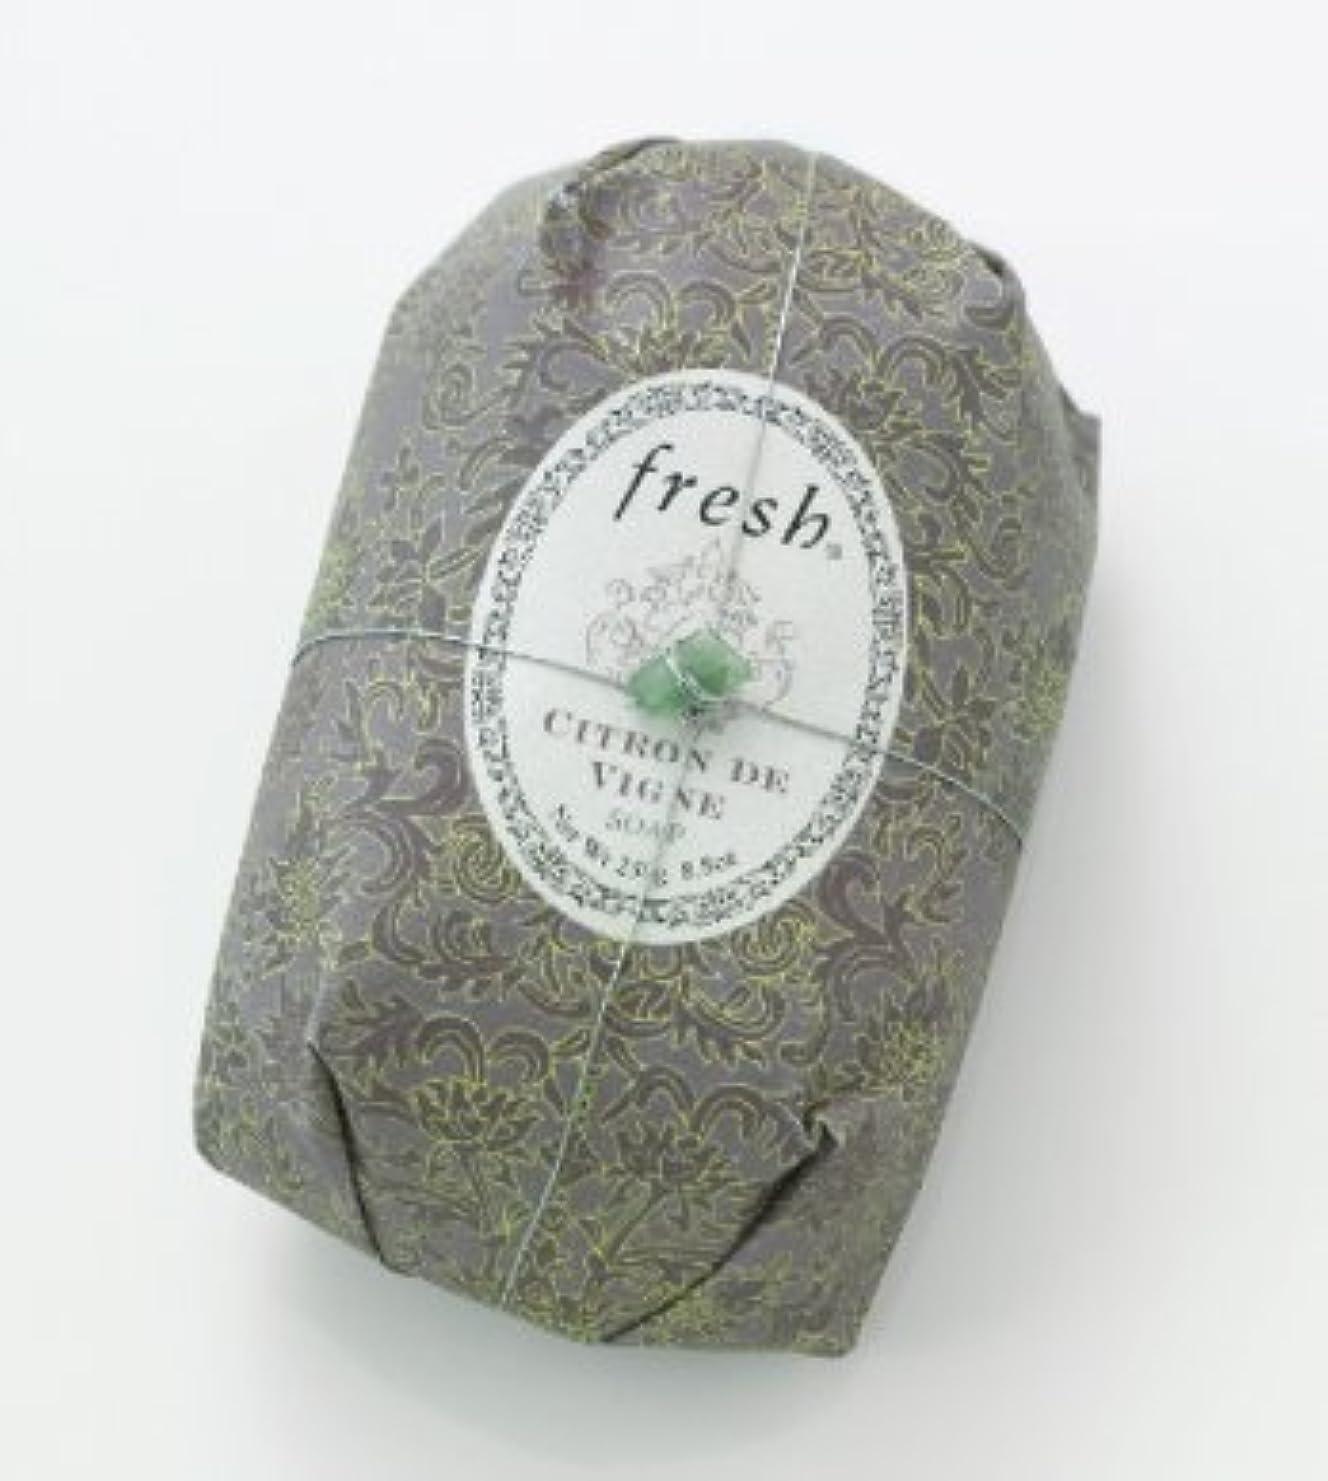 尊敬歯科医換気Fresh CITRON DE VIGNE SOAP (フレッシュ シトロンデヴァイン ソープ) 8.8 oz (250g) Soap (石鹸) by Fresh